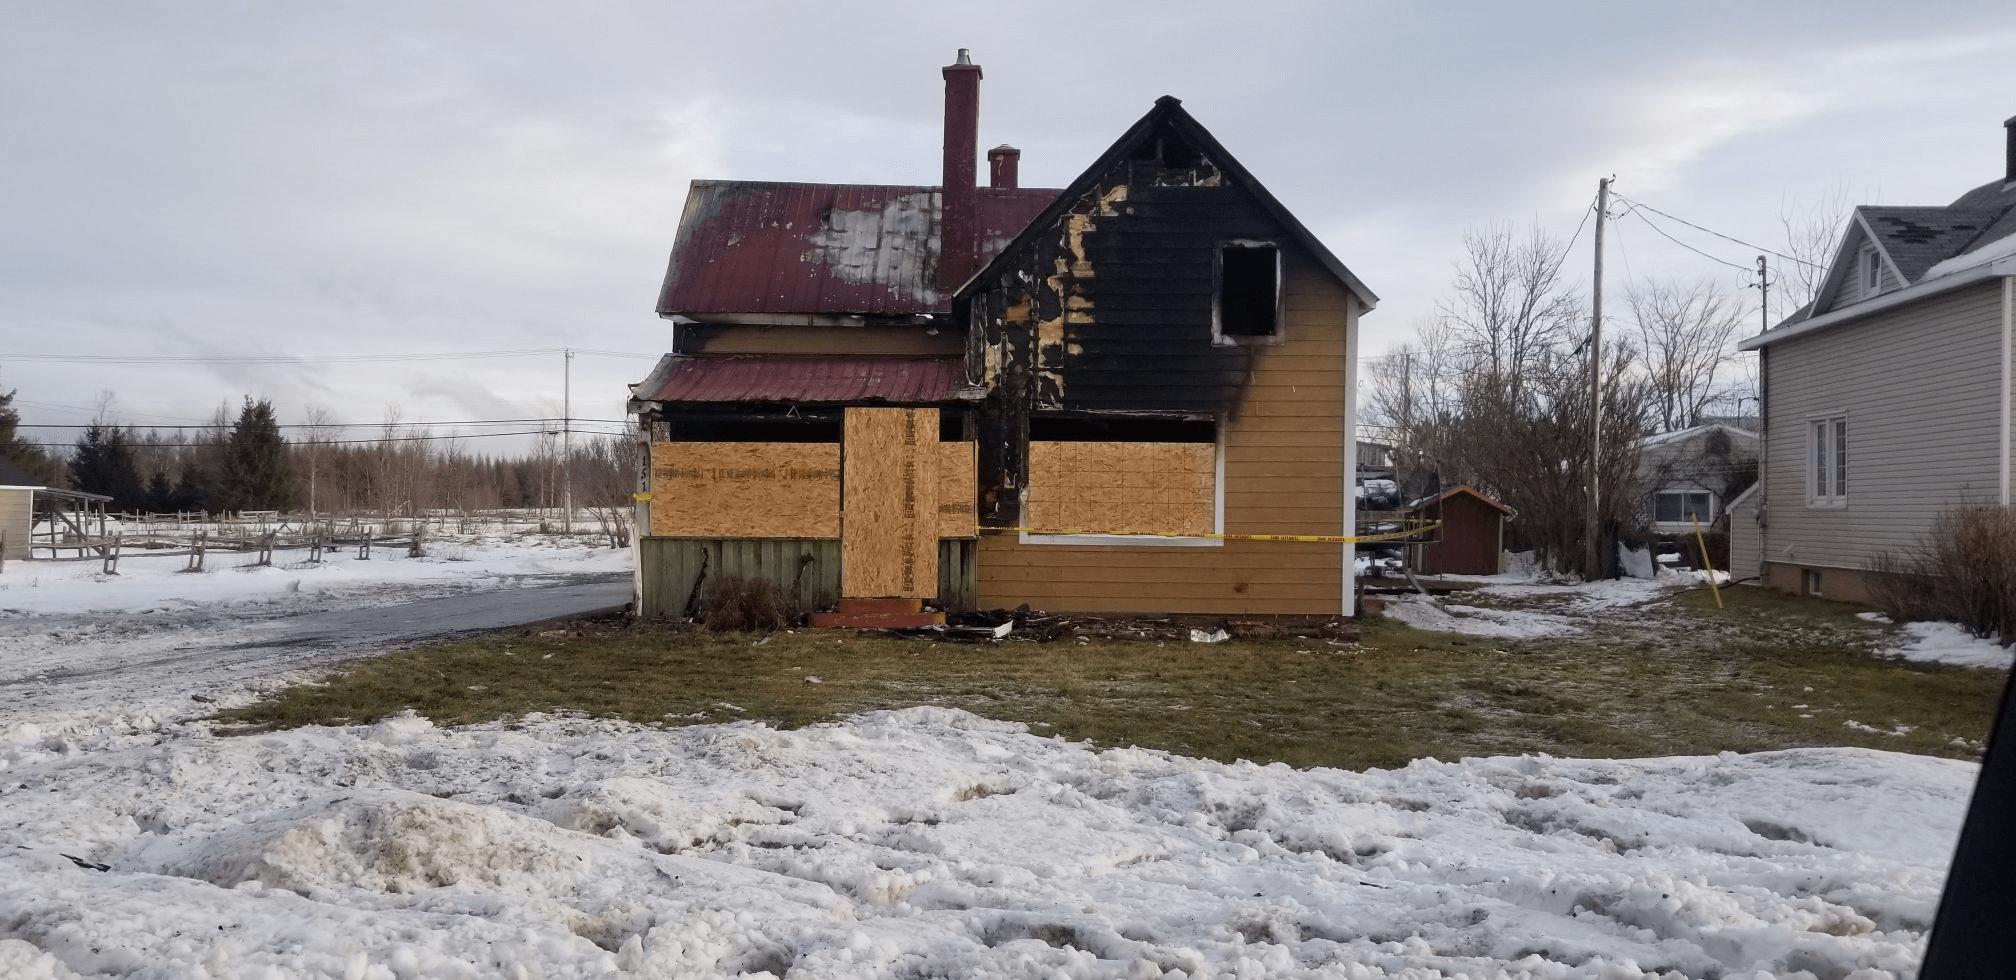 Maison incendie Bonaventure